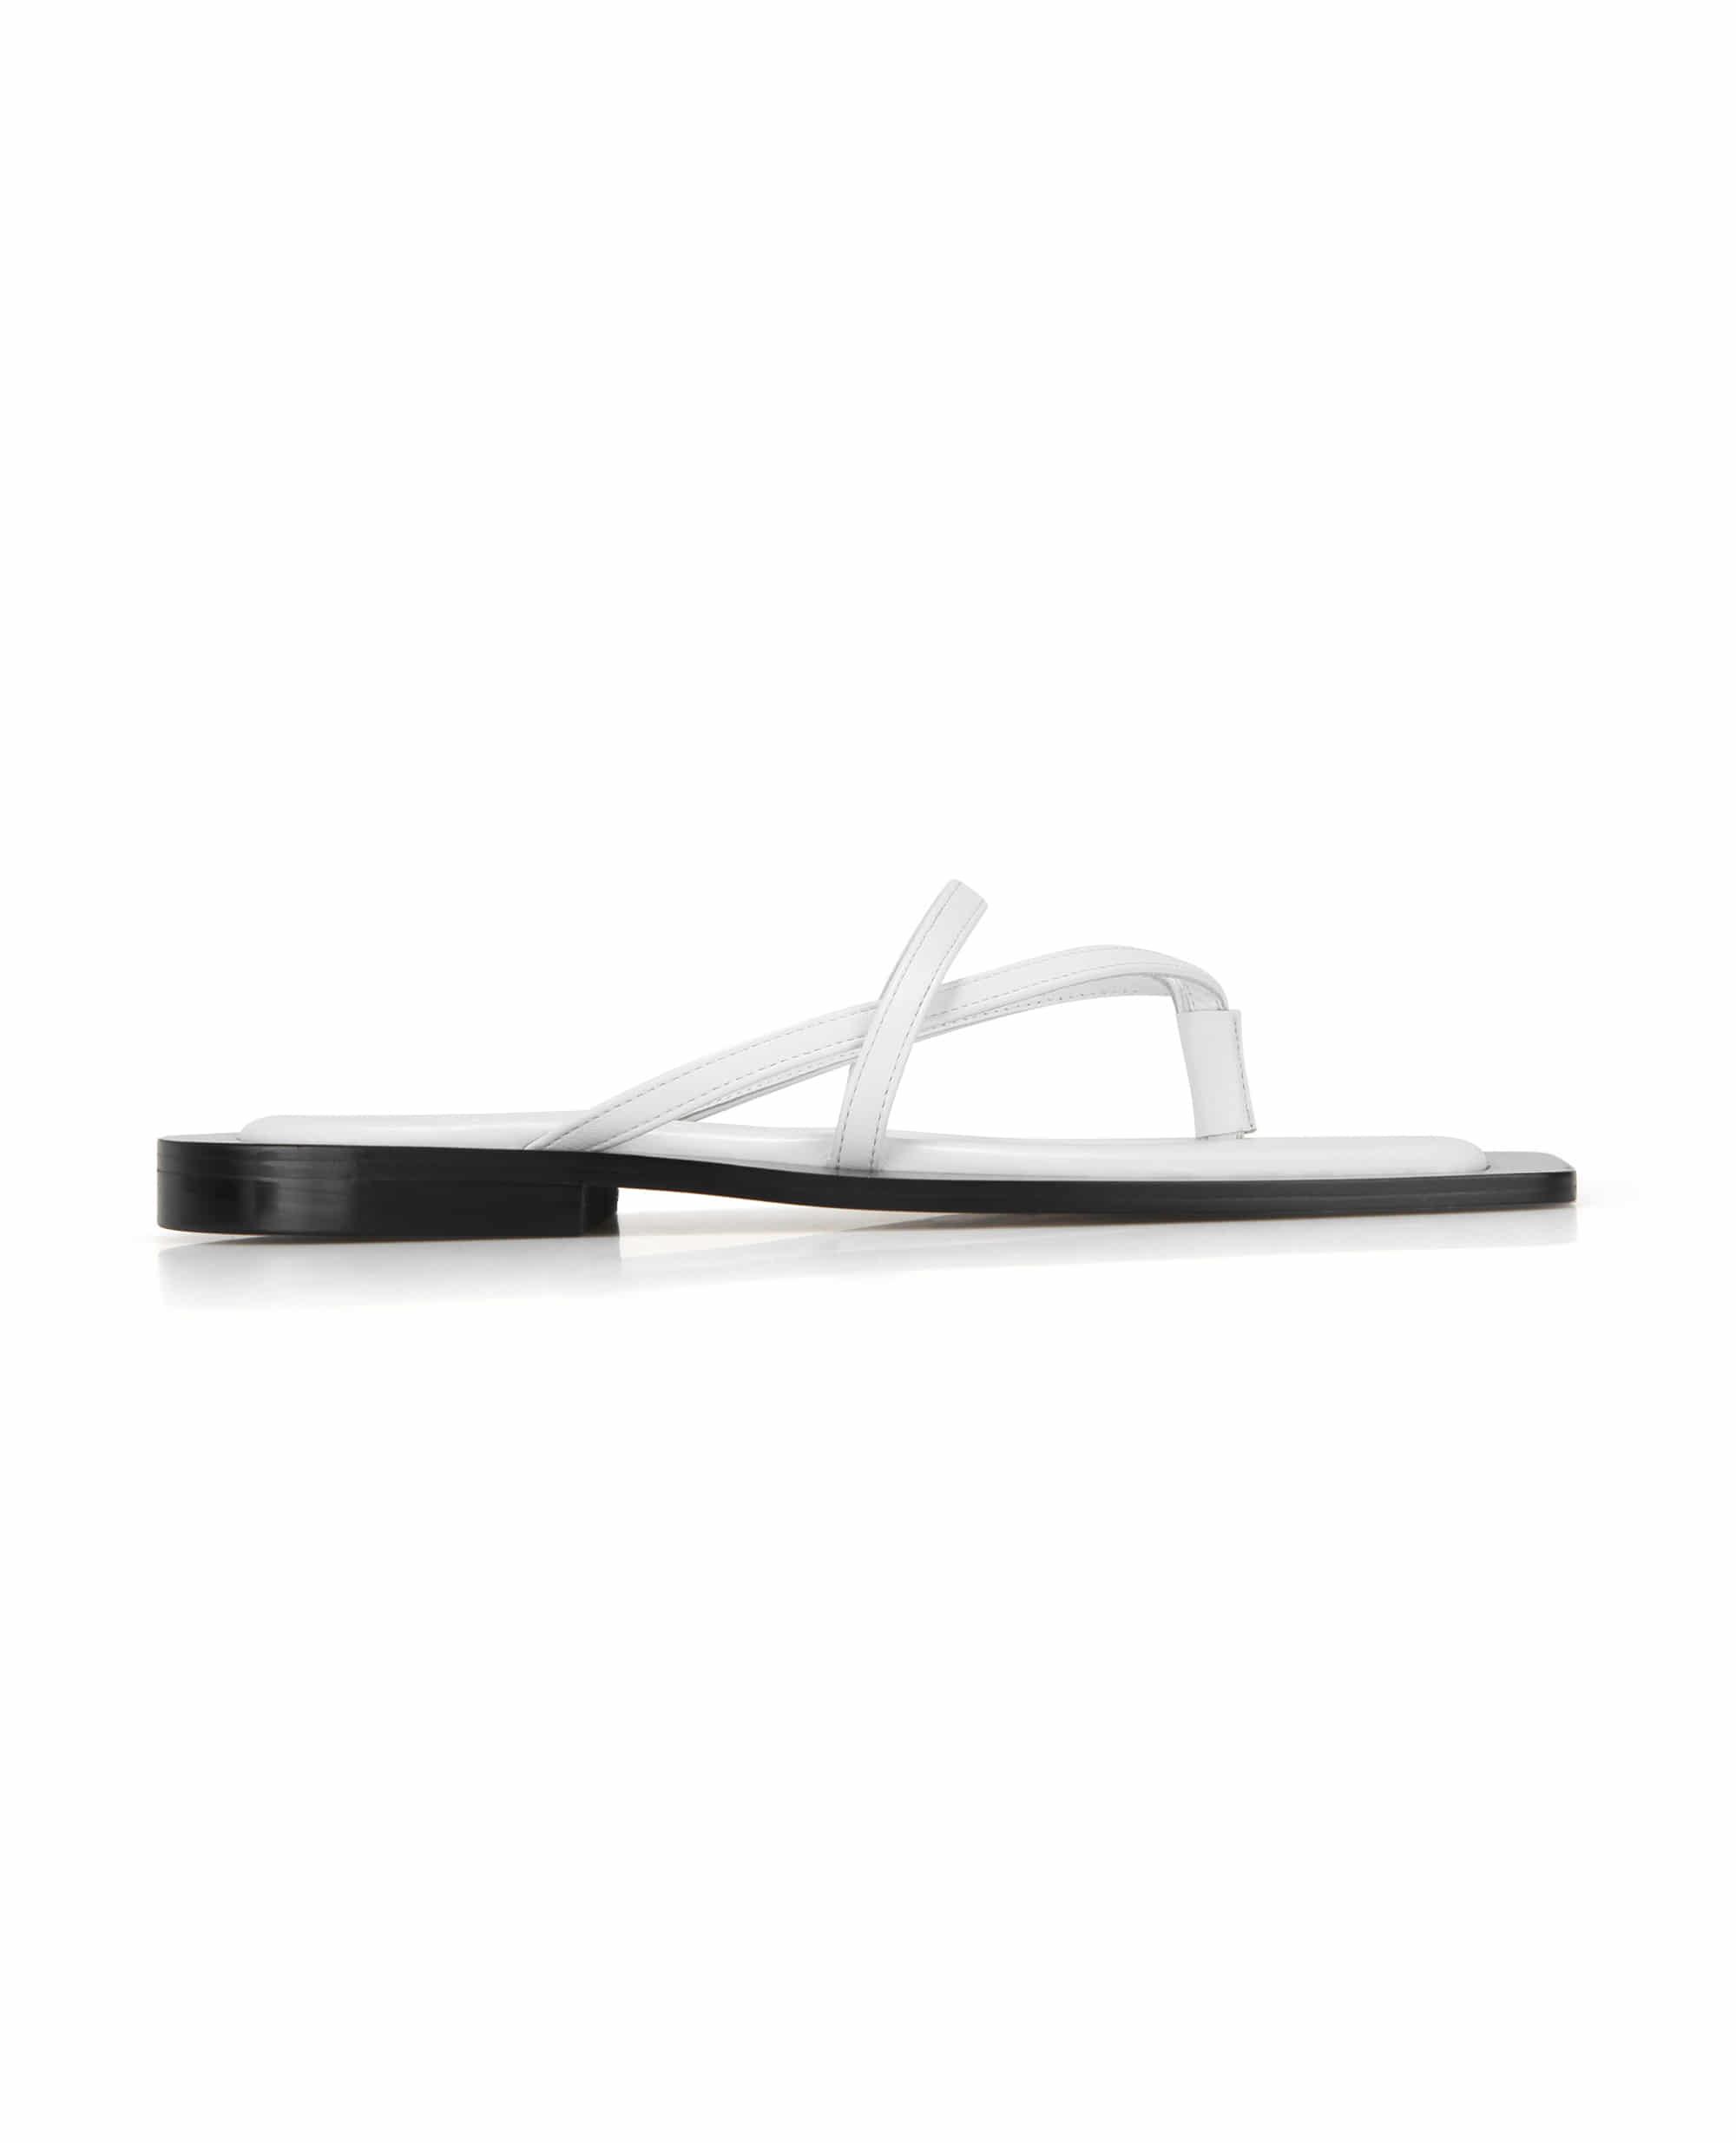 Wide square sole sandals | White